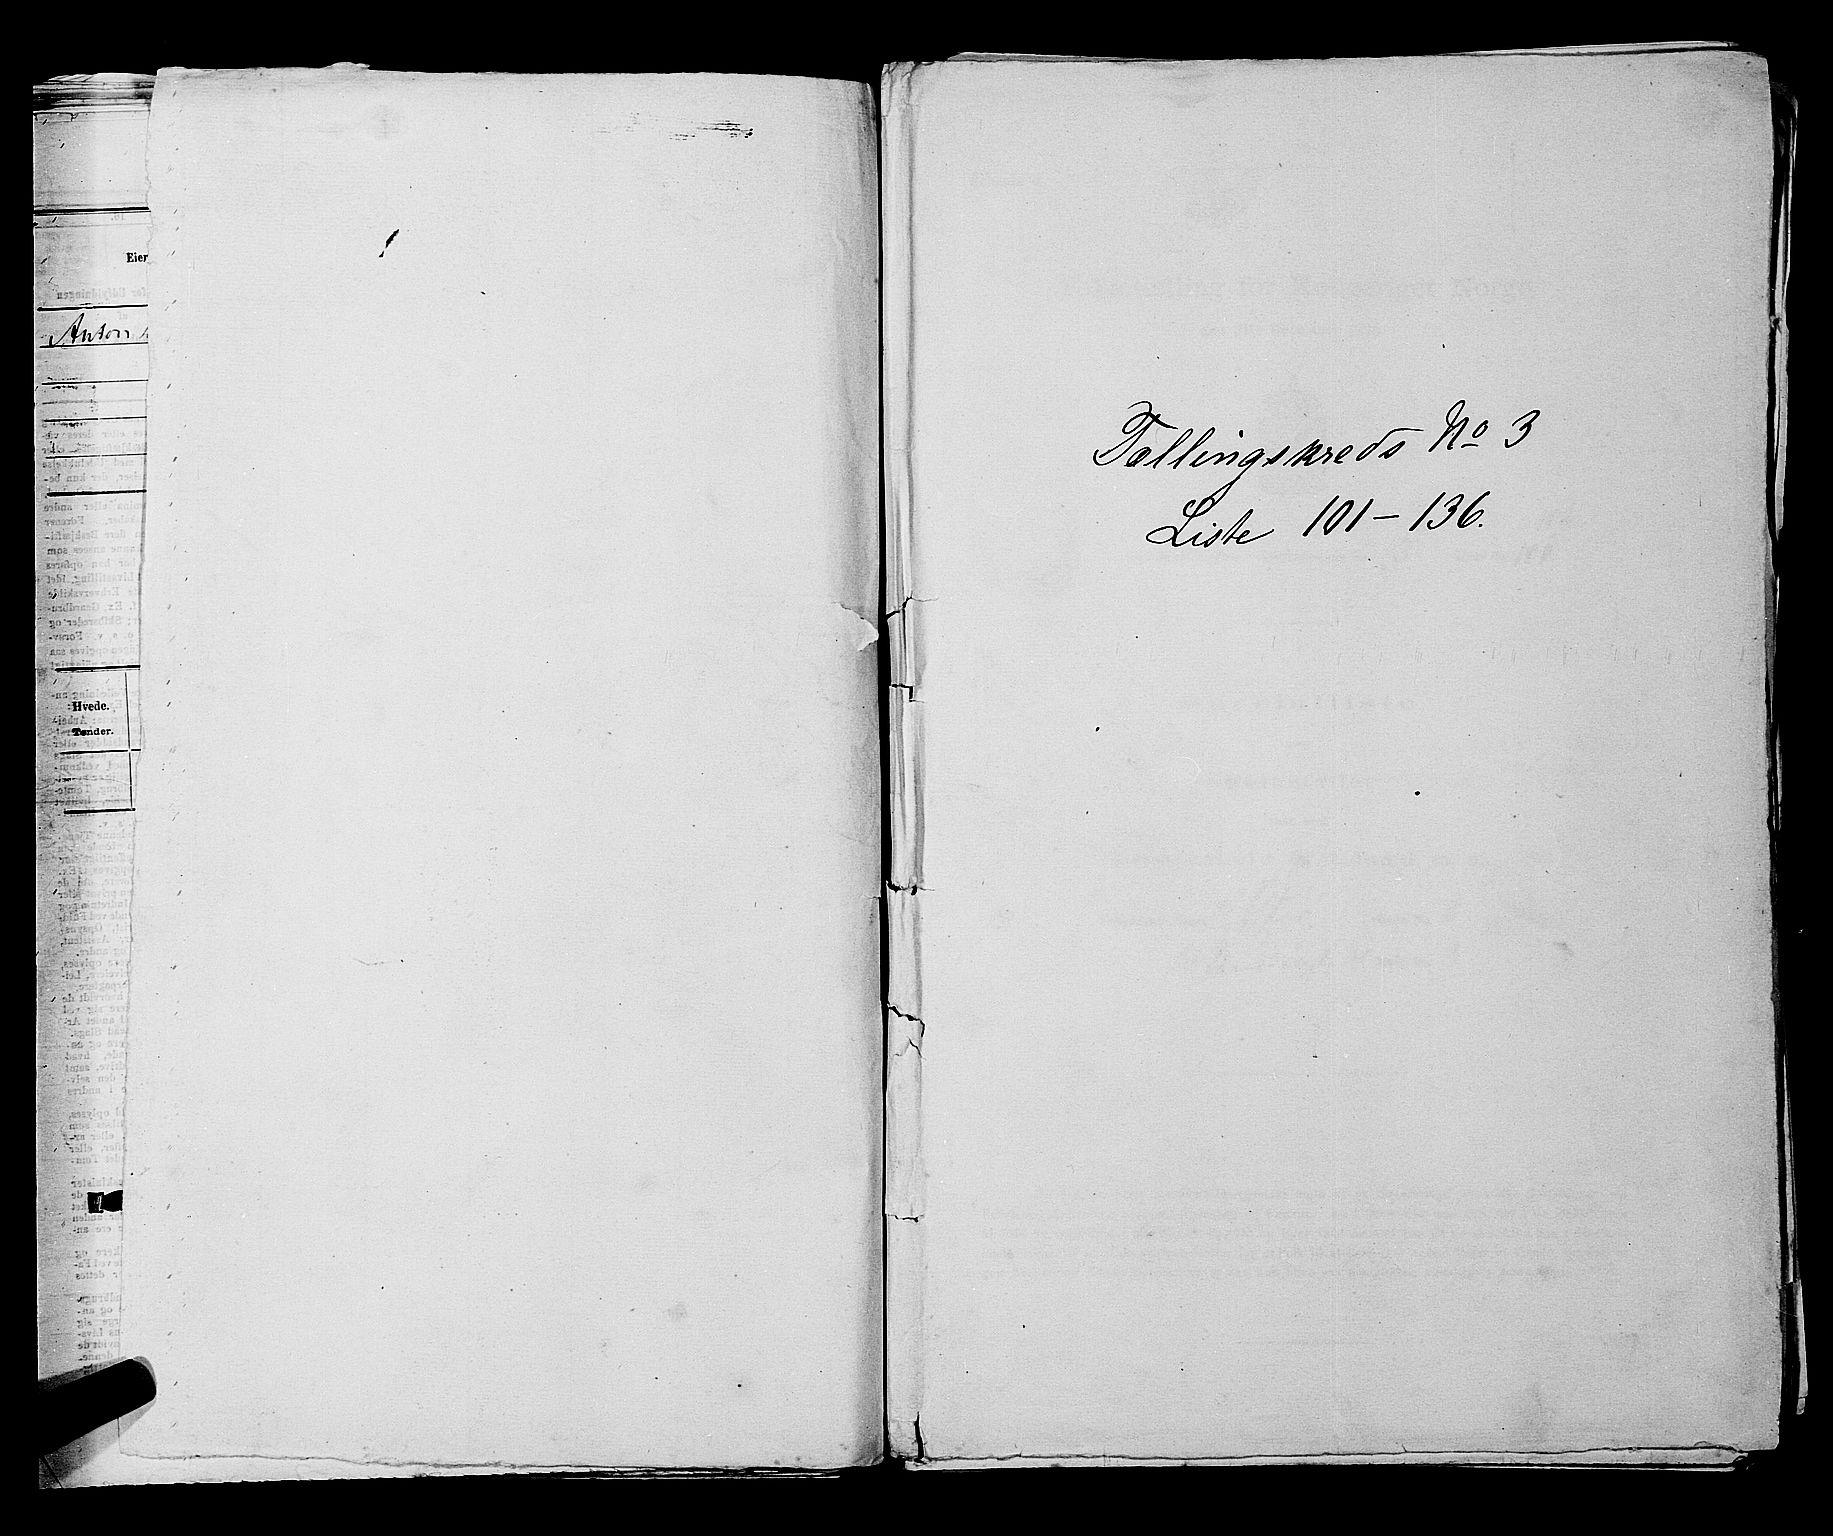 SAKO, Folketelling 1875 for 0703P Horten prestegjeld, 1875, s. 247